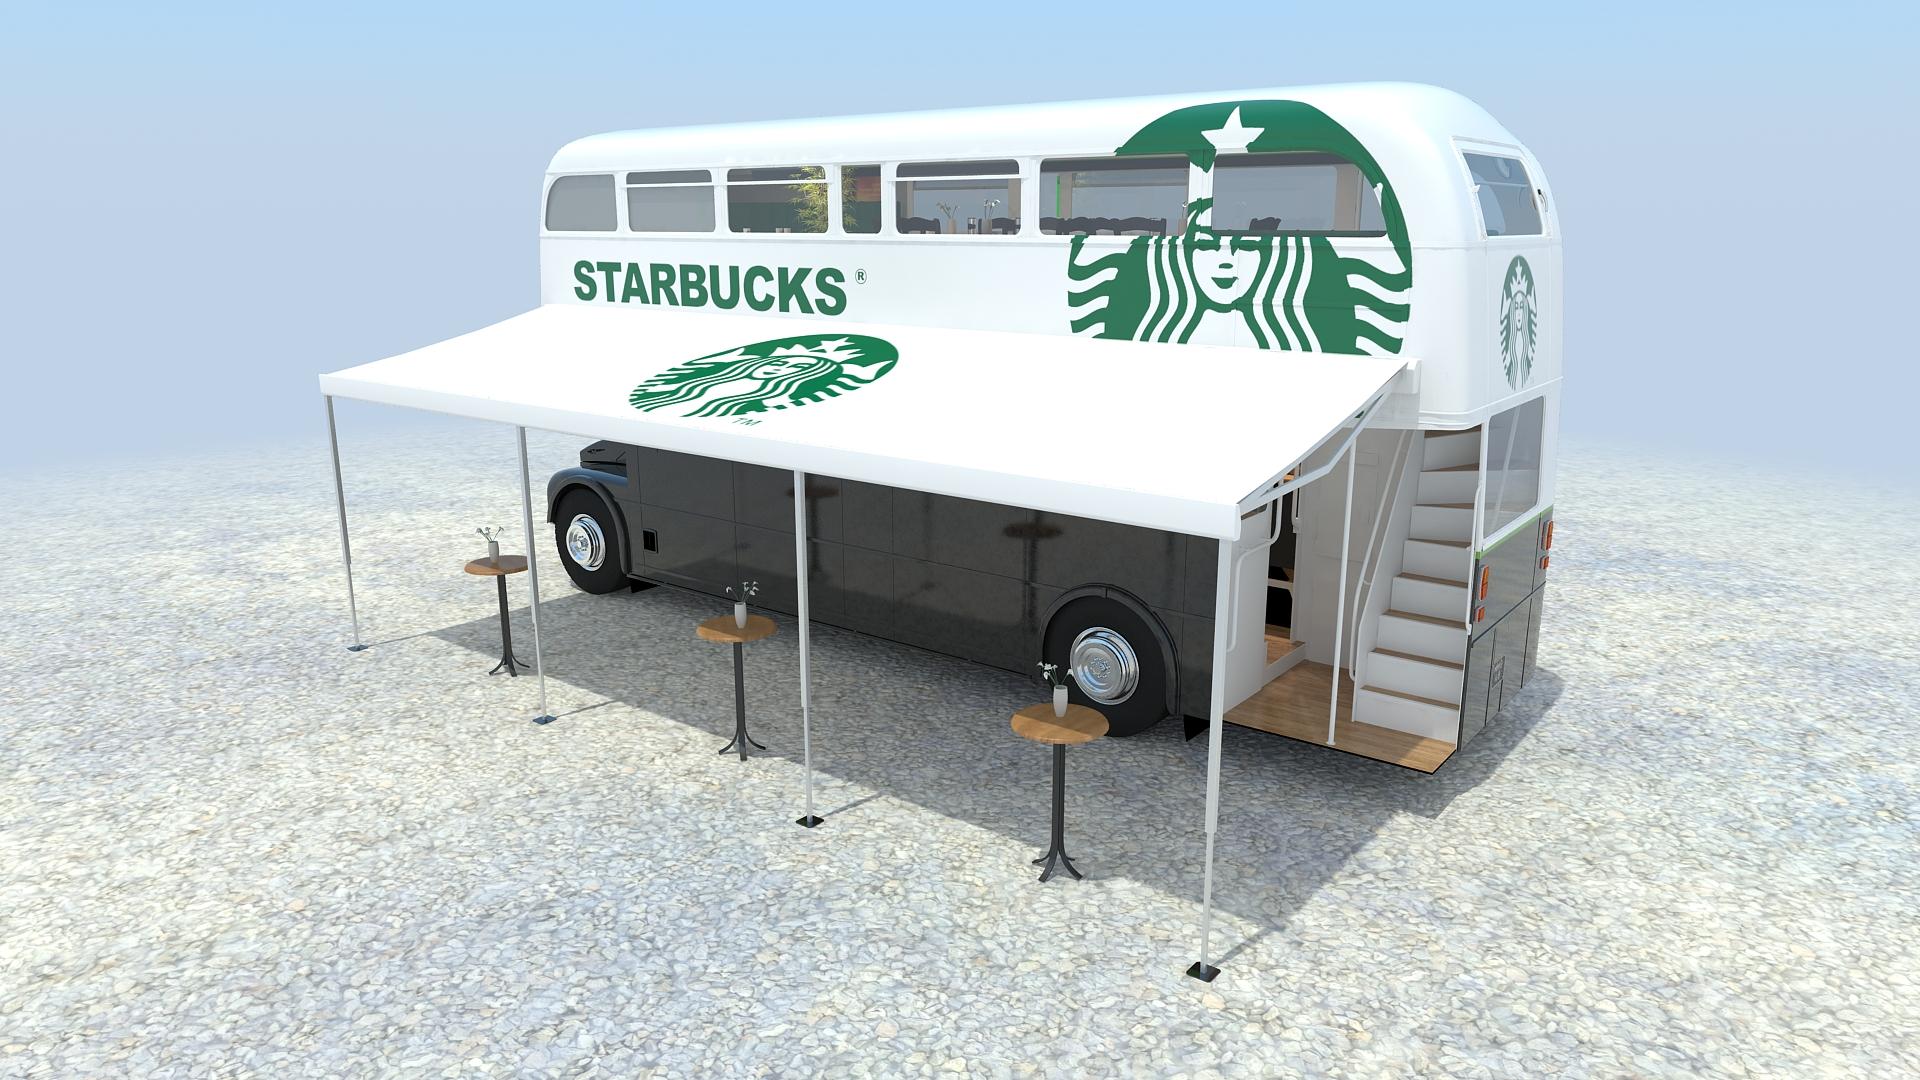 Starbucks Exterior High_02.jpg